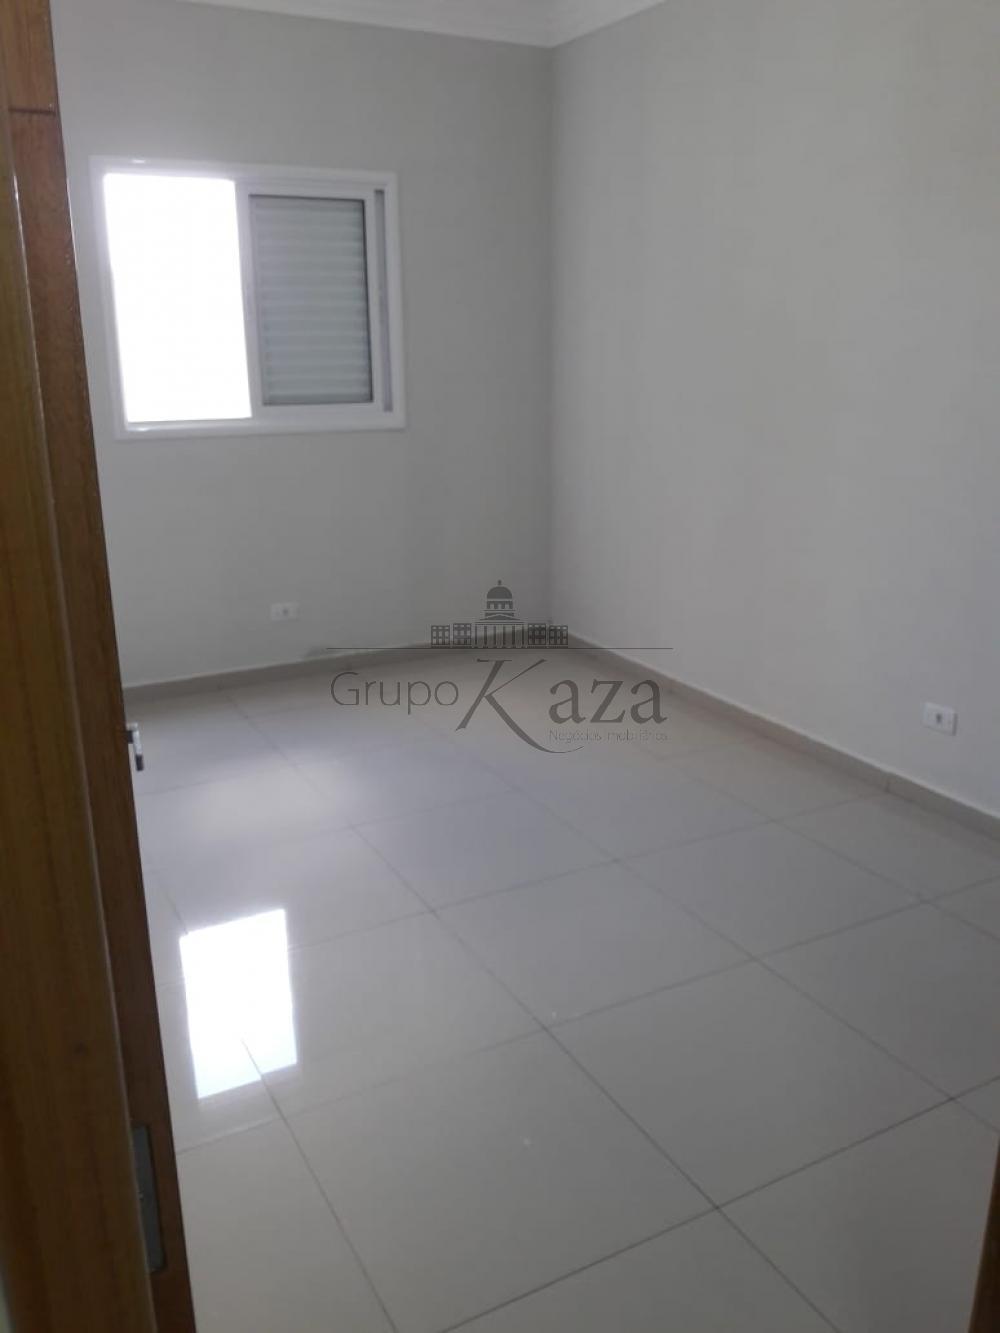 Comprar Casa / Padrão em São José dos Campos apenas R$ 270.000,00 - Foto 16